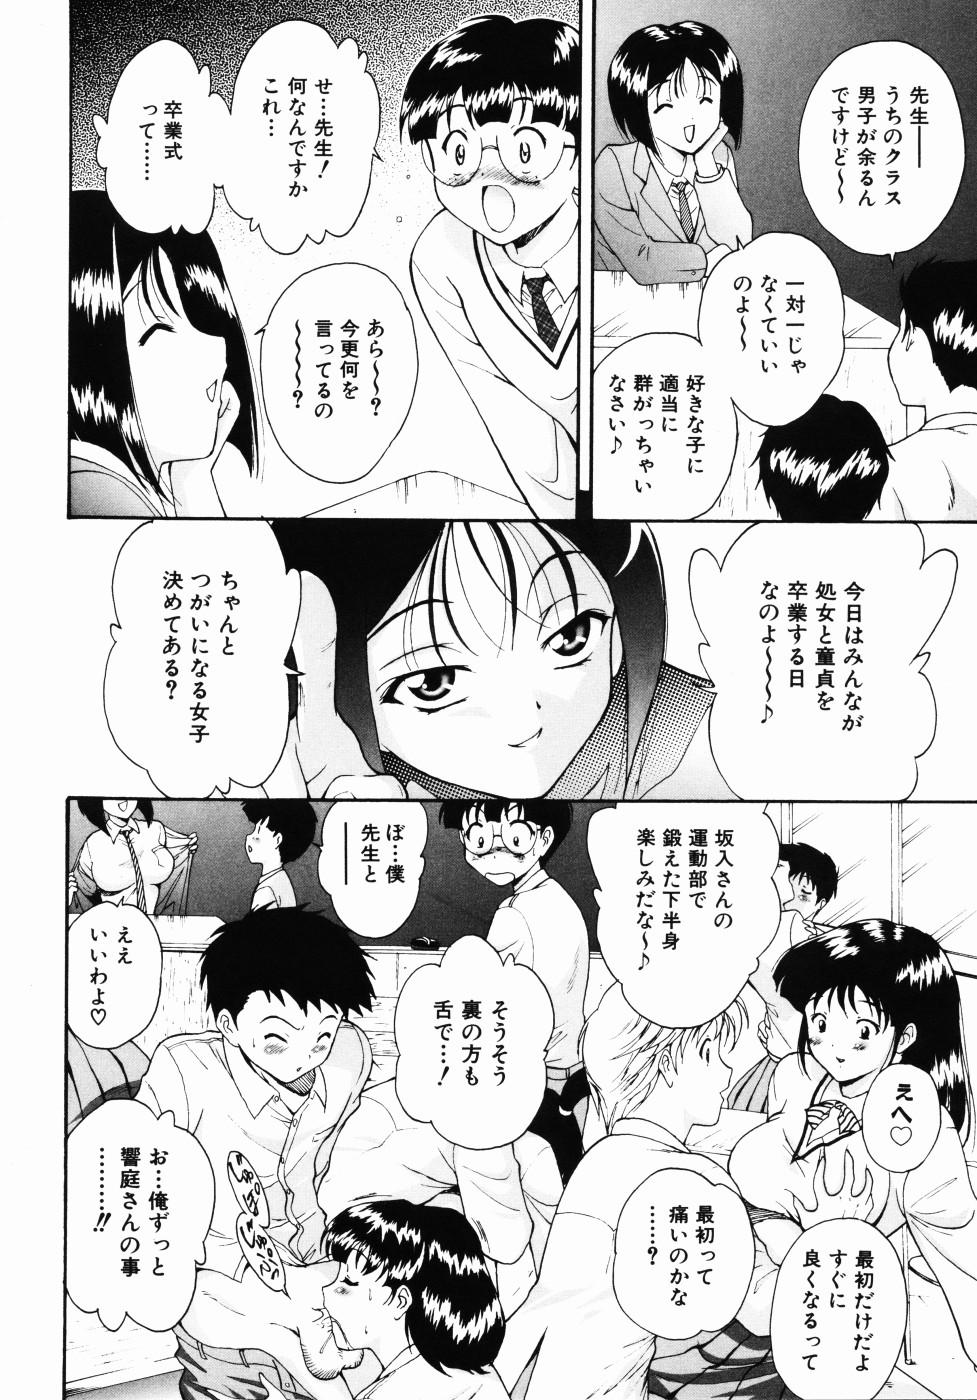 Daikyou Megami 110